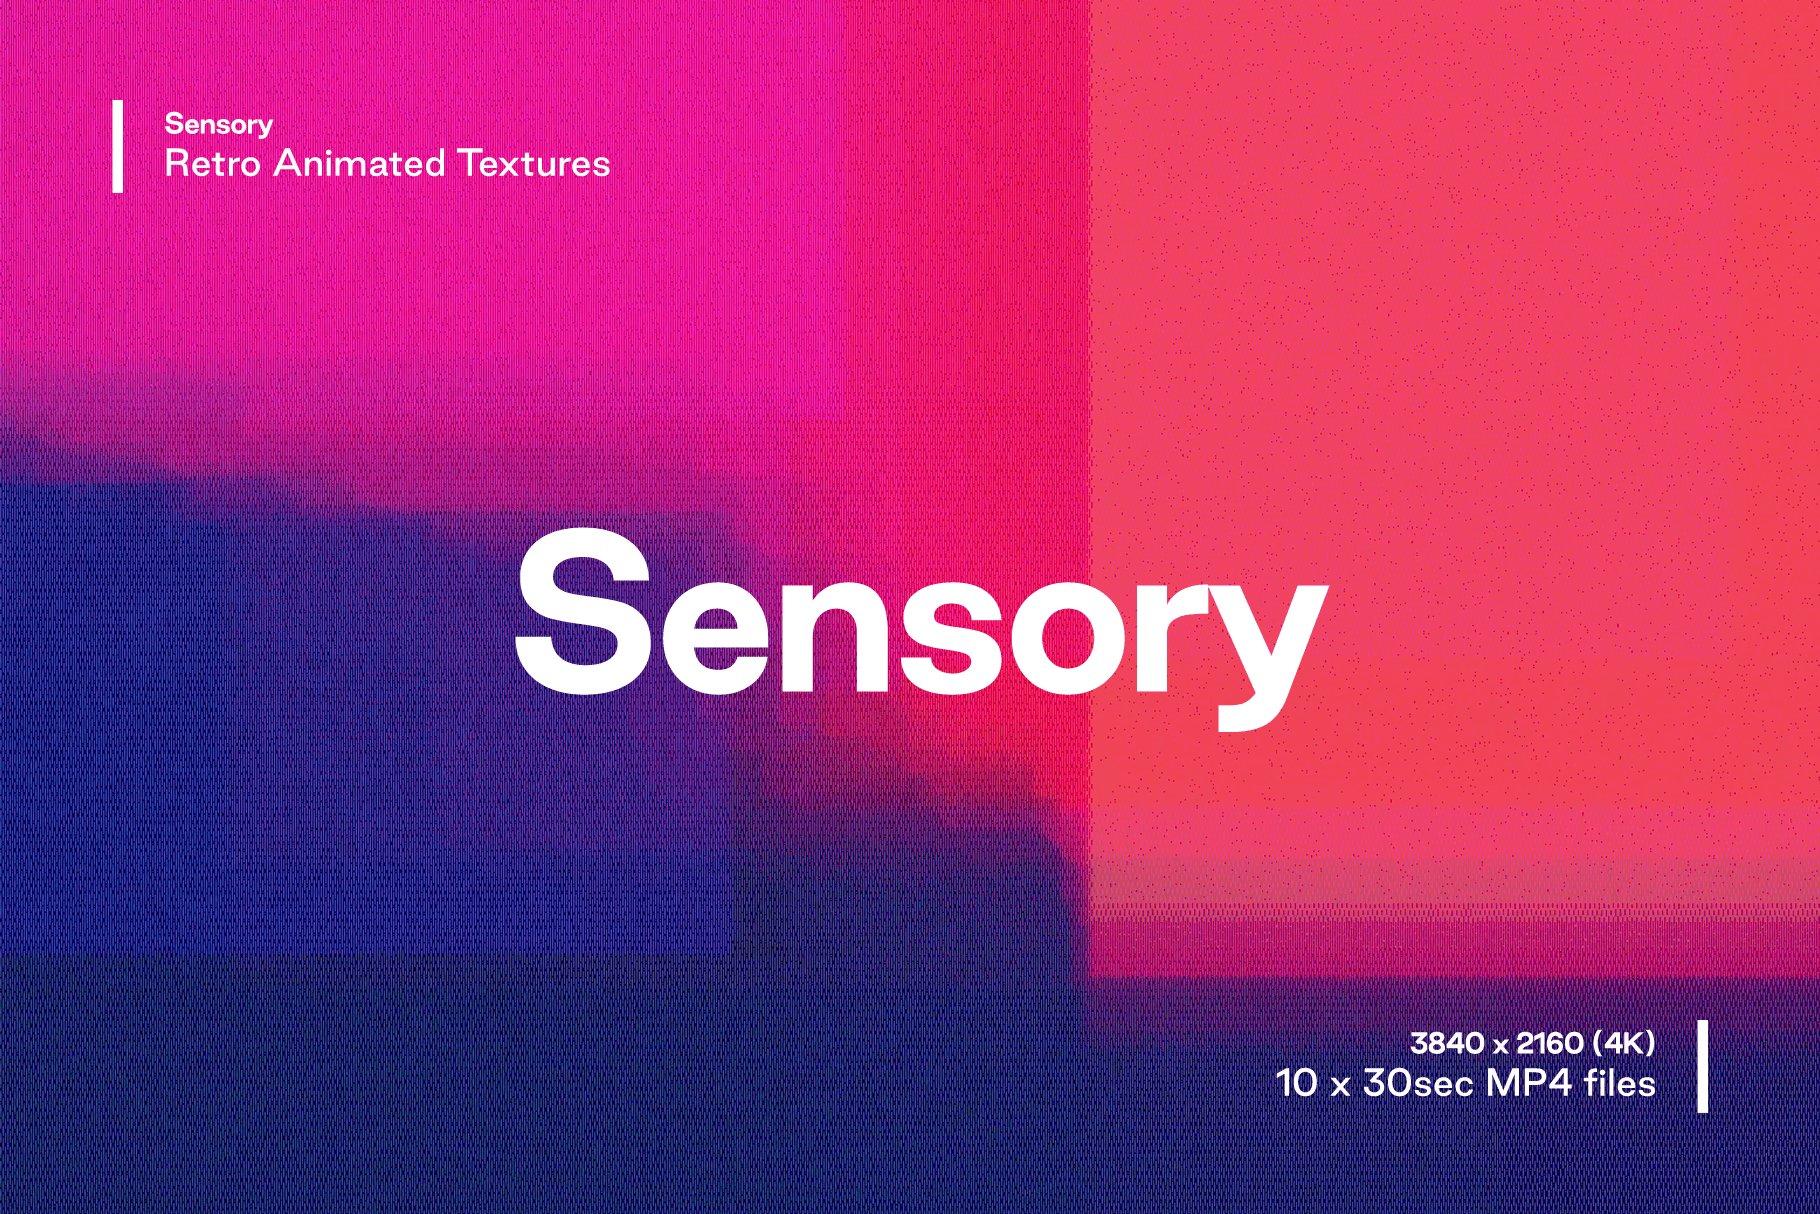 [单独购买] 潮流故障颗粒网格渐变VHS样式纹理背景图片视频设计素材套装 Studio 2am – Sensory – Retro Animated Textures插图